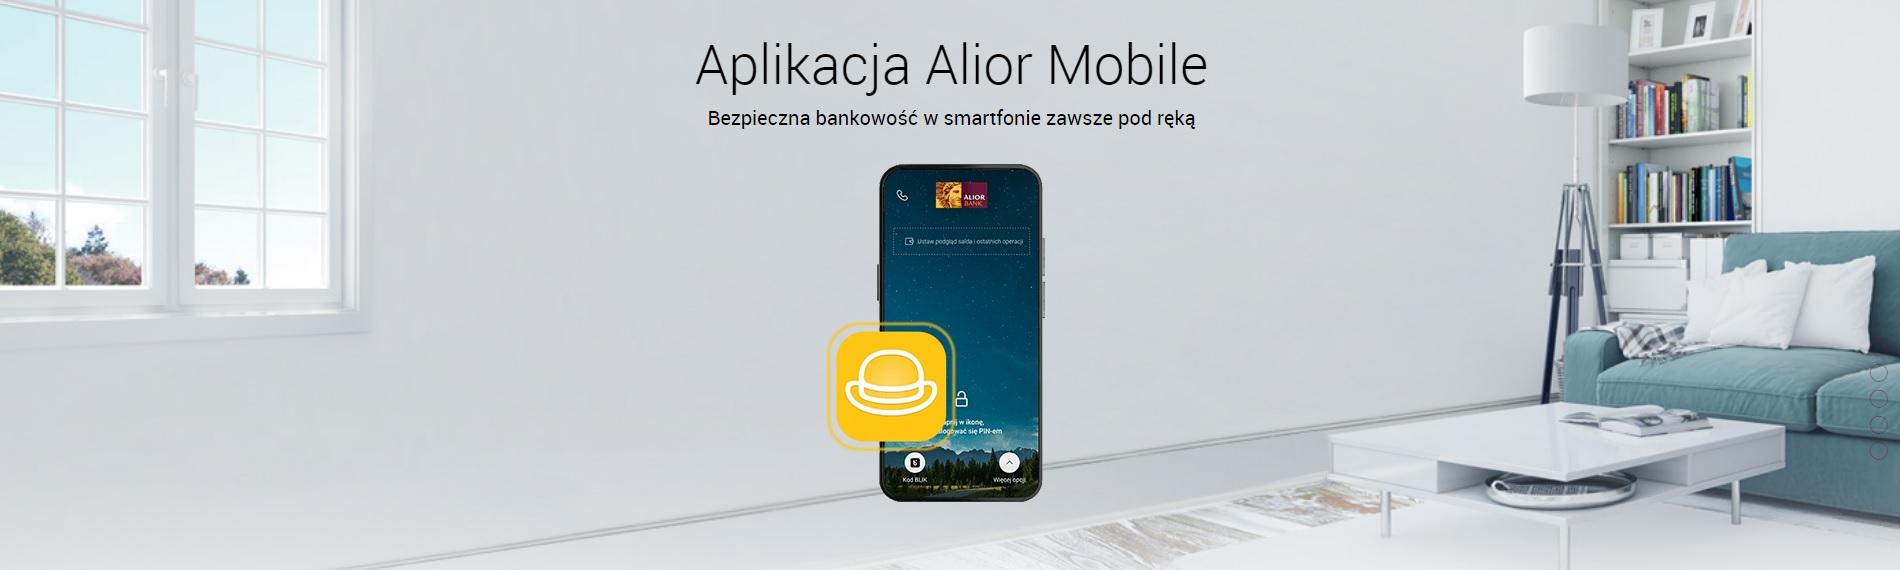 Alior Bank aplikacja Alior Mobile